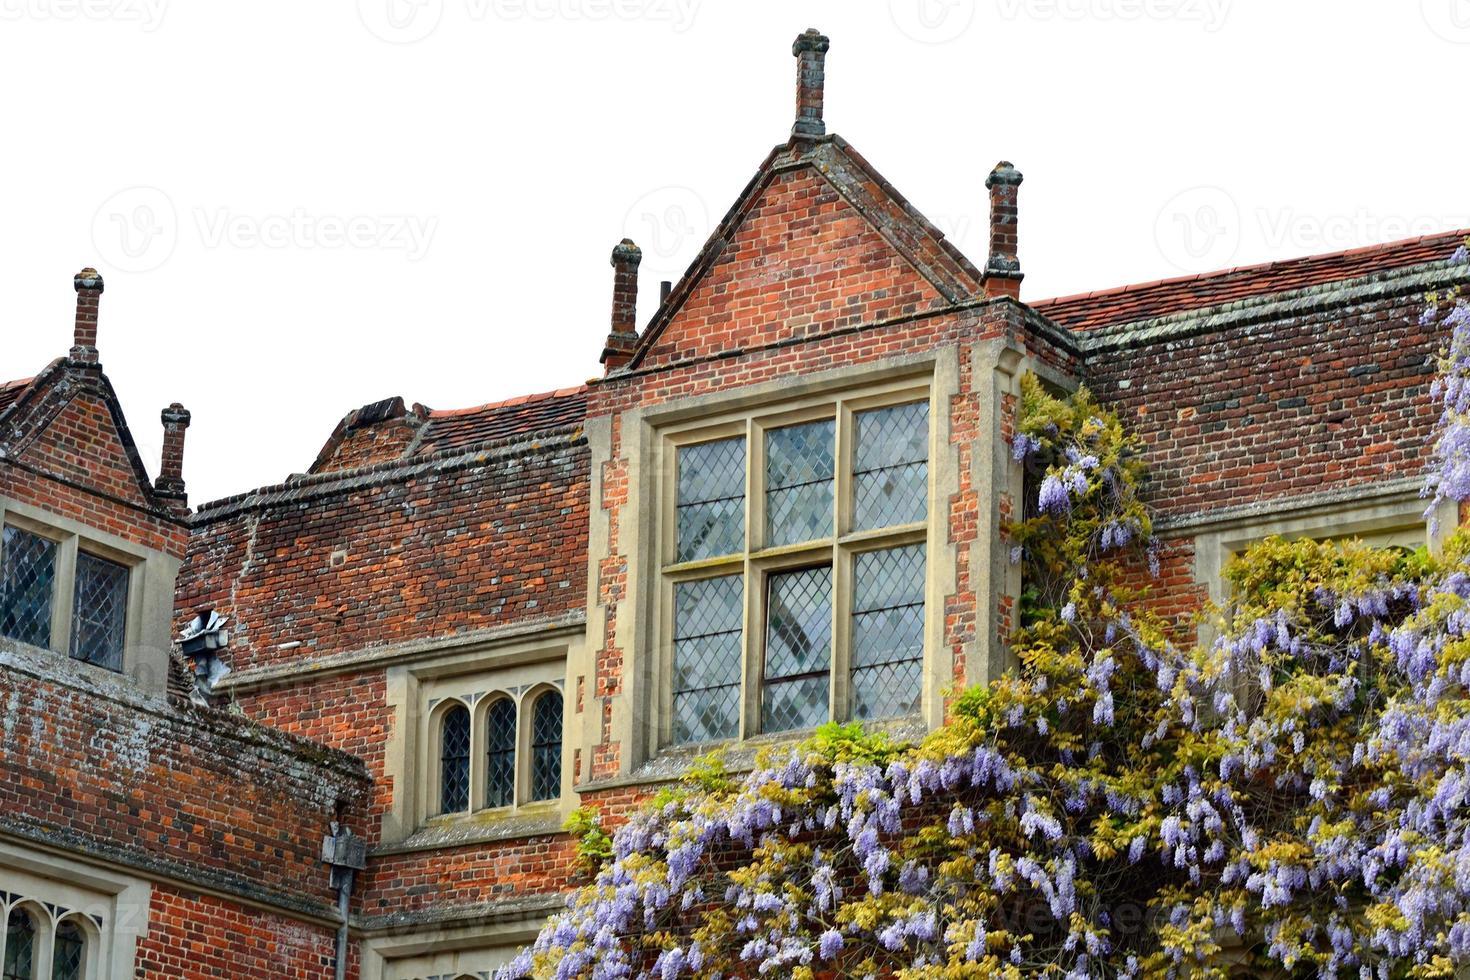 großes Tudorgebäude mit Glyzinien foto